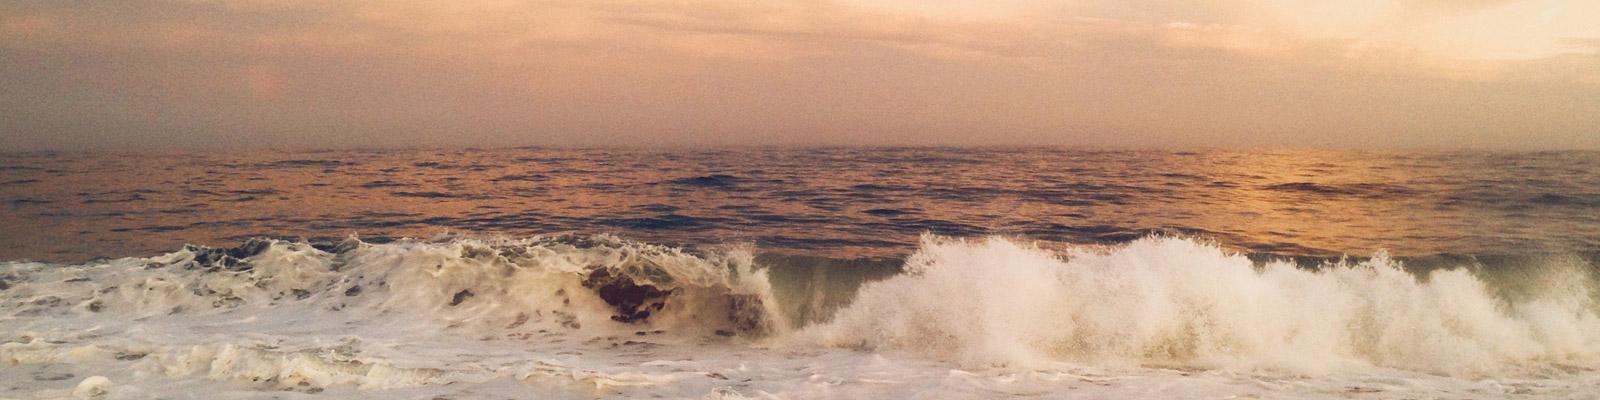 slide-wave